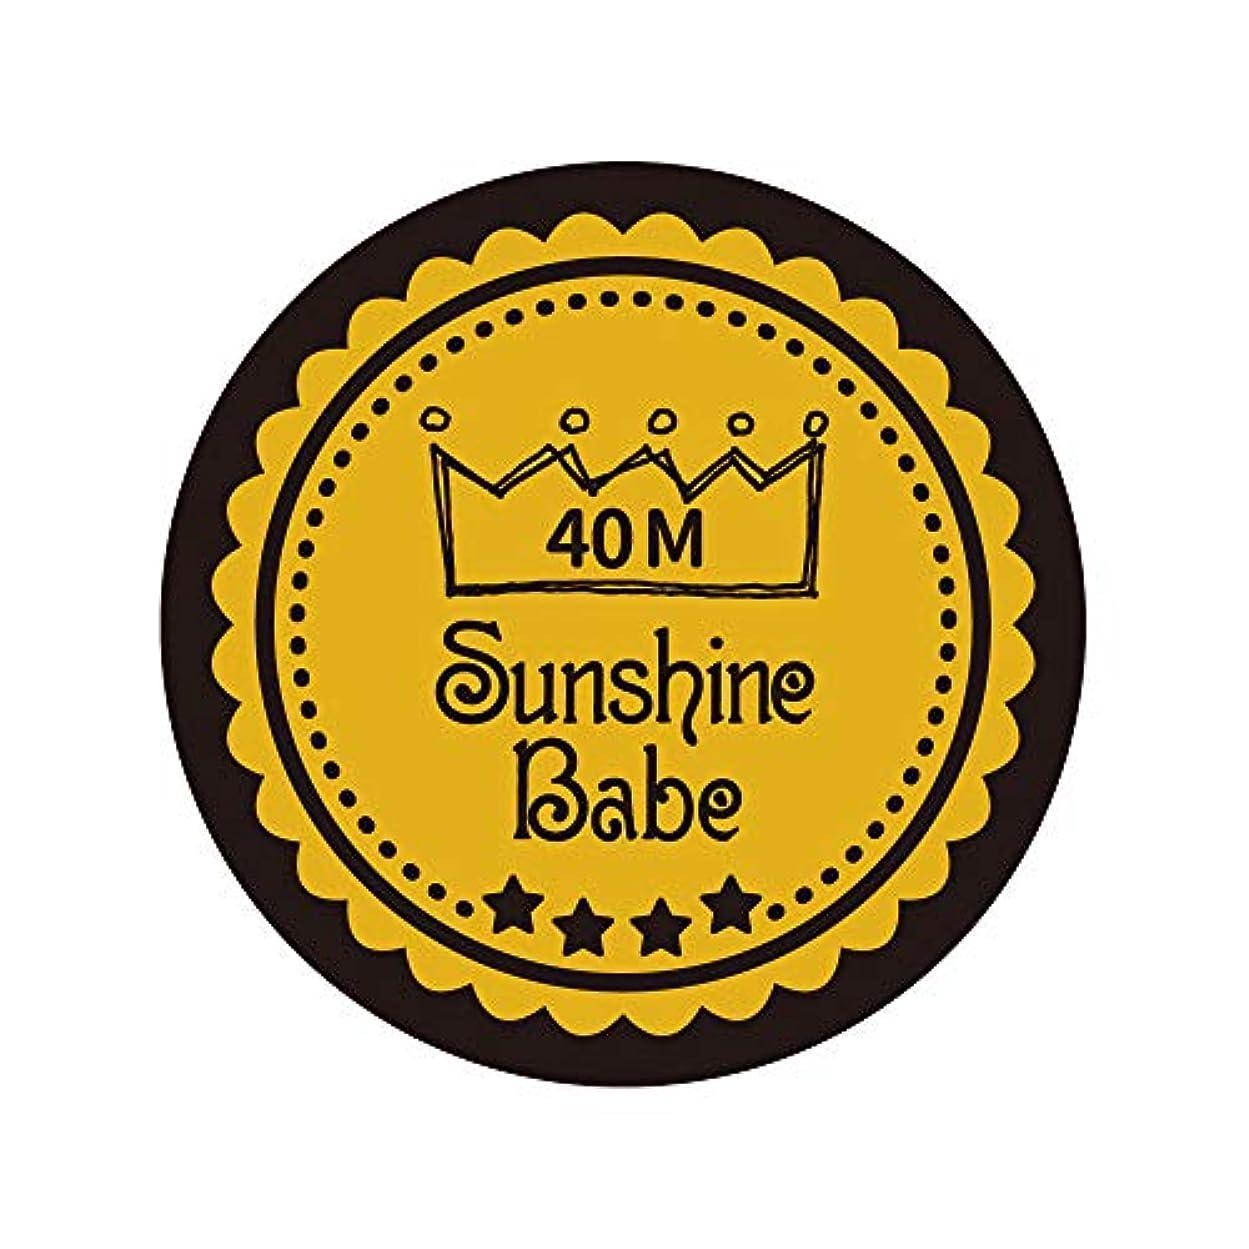 誘発する振る舞い奨励Sunshine Babe カラージェル 40M セイロンイエロー 2.7g UV/LED対応